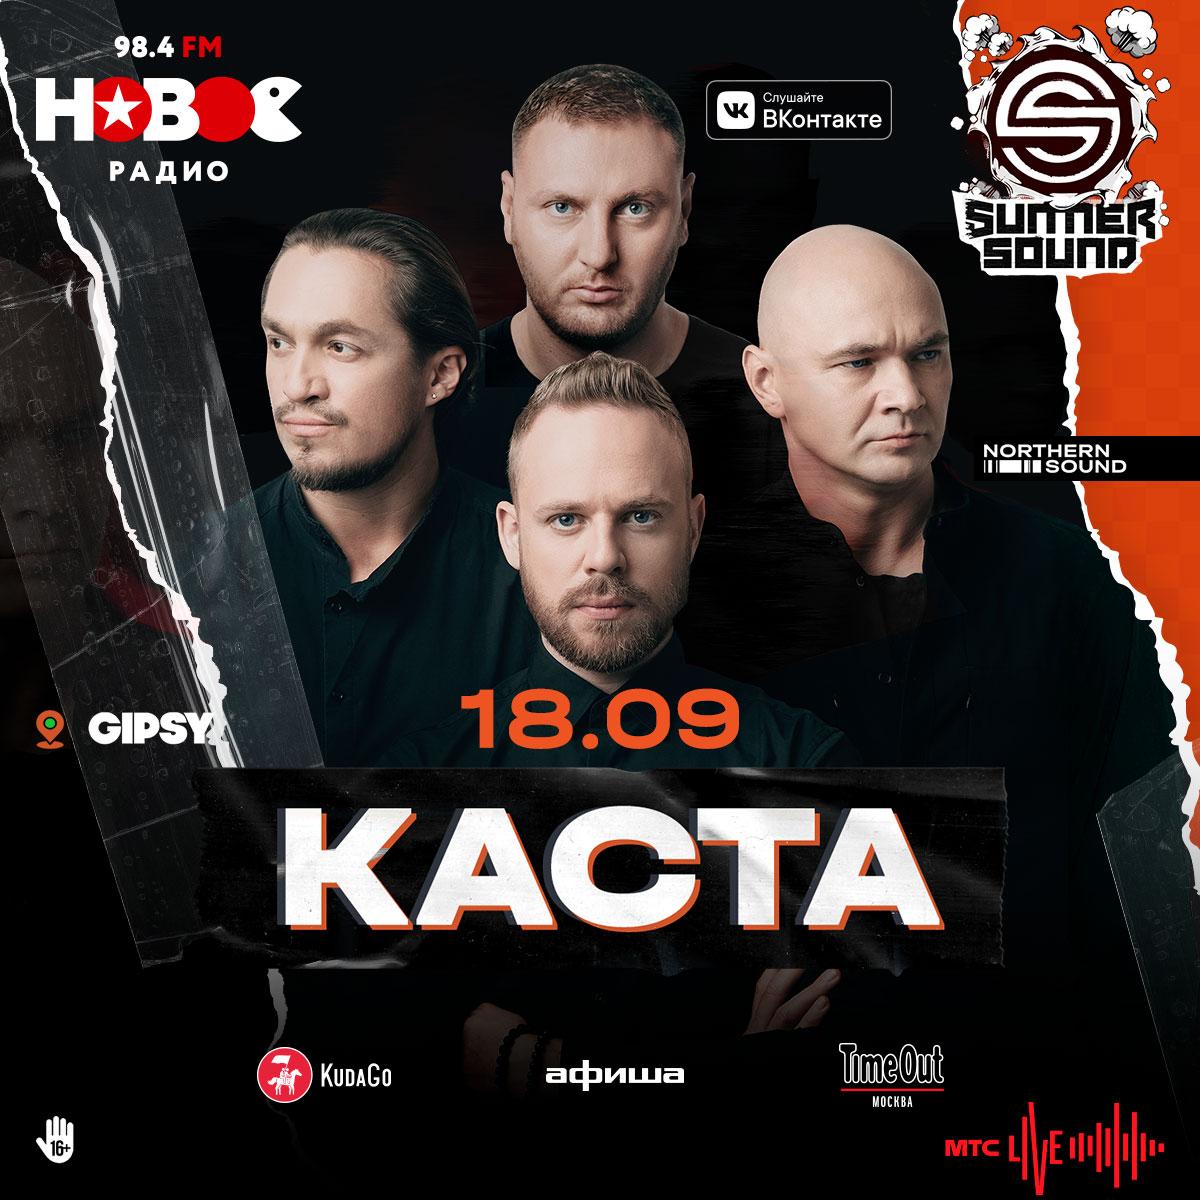 Summer Sound: Каста